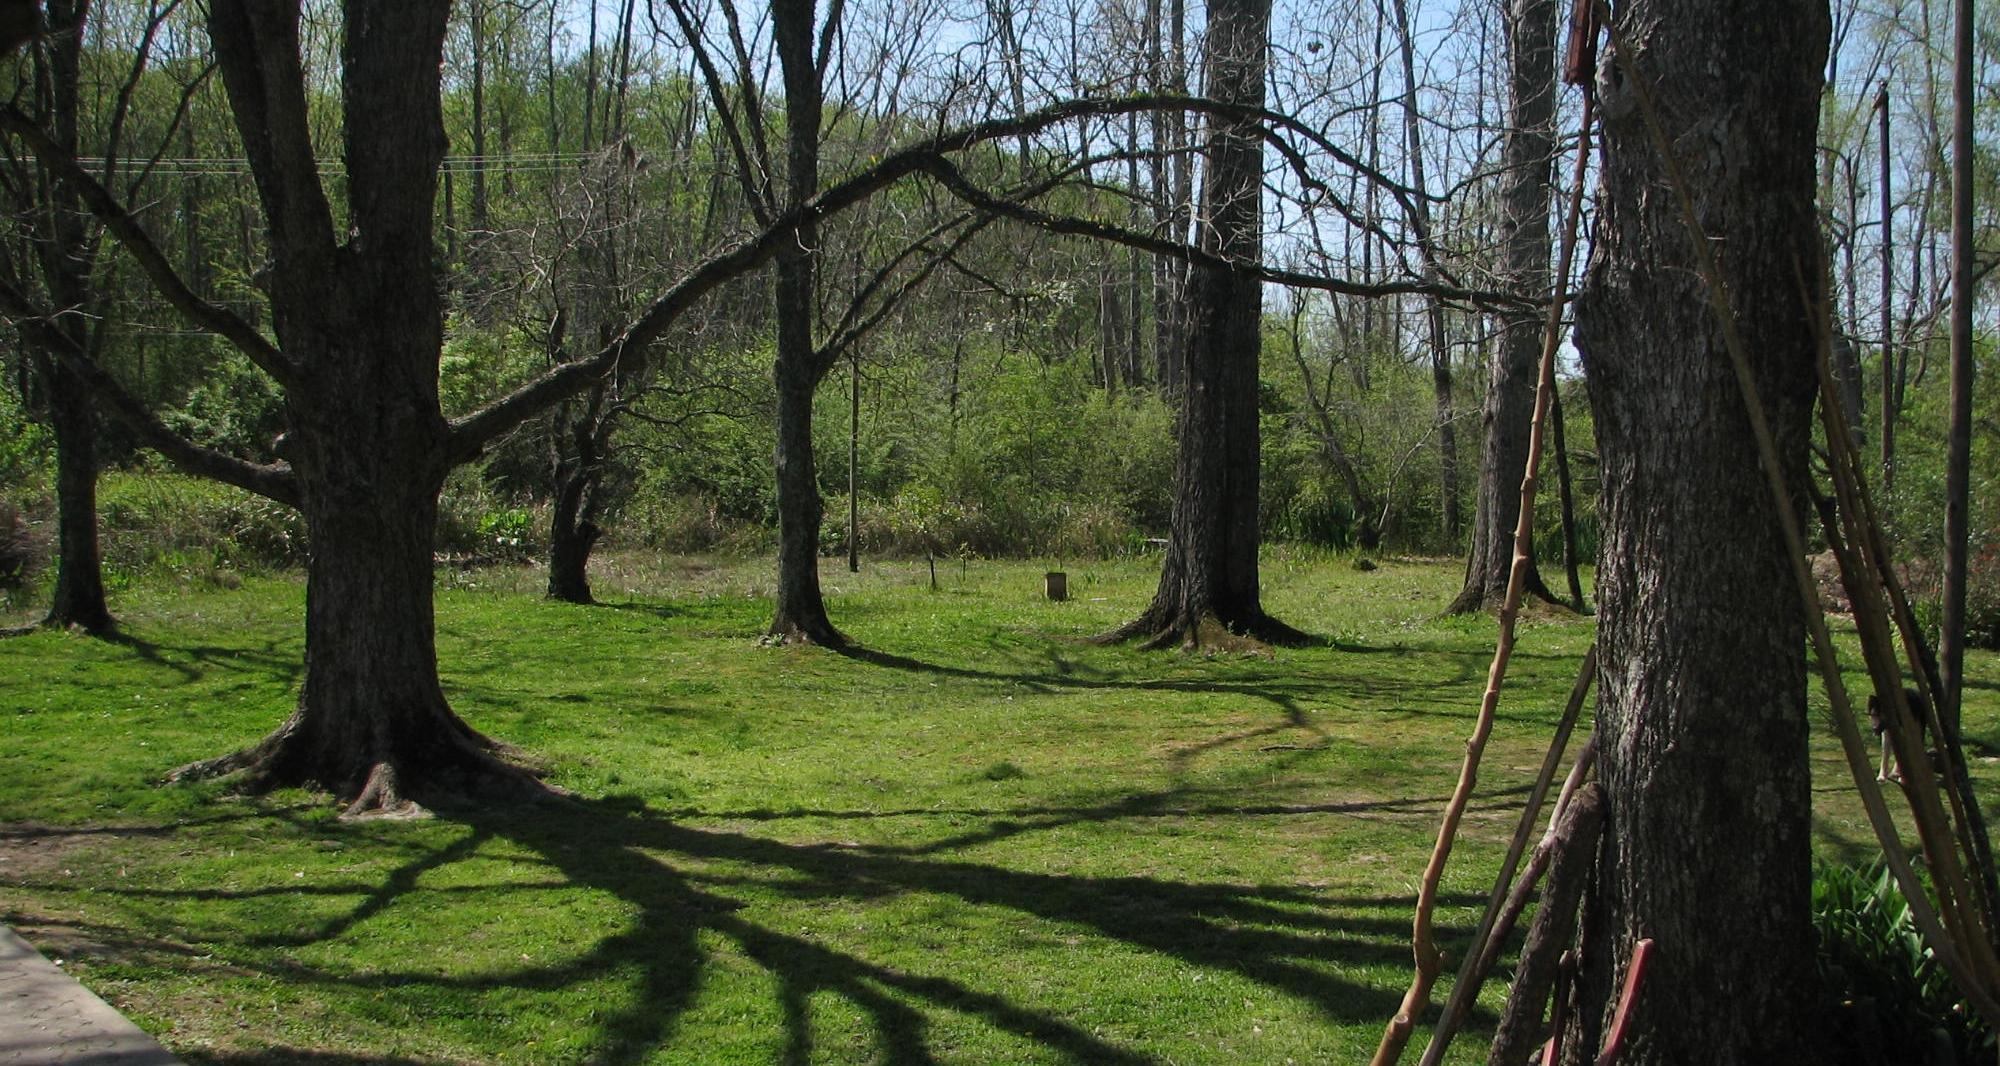 jardin de casona del rio, parque en el delta del tigre